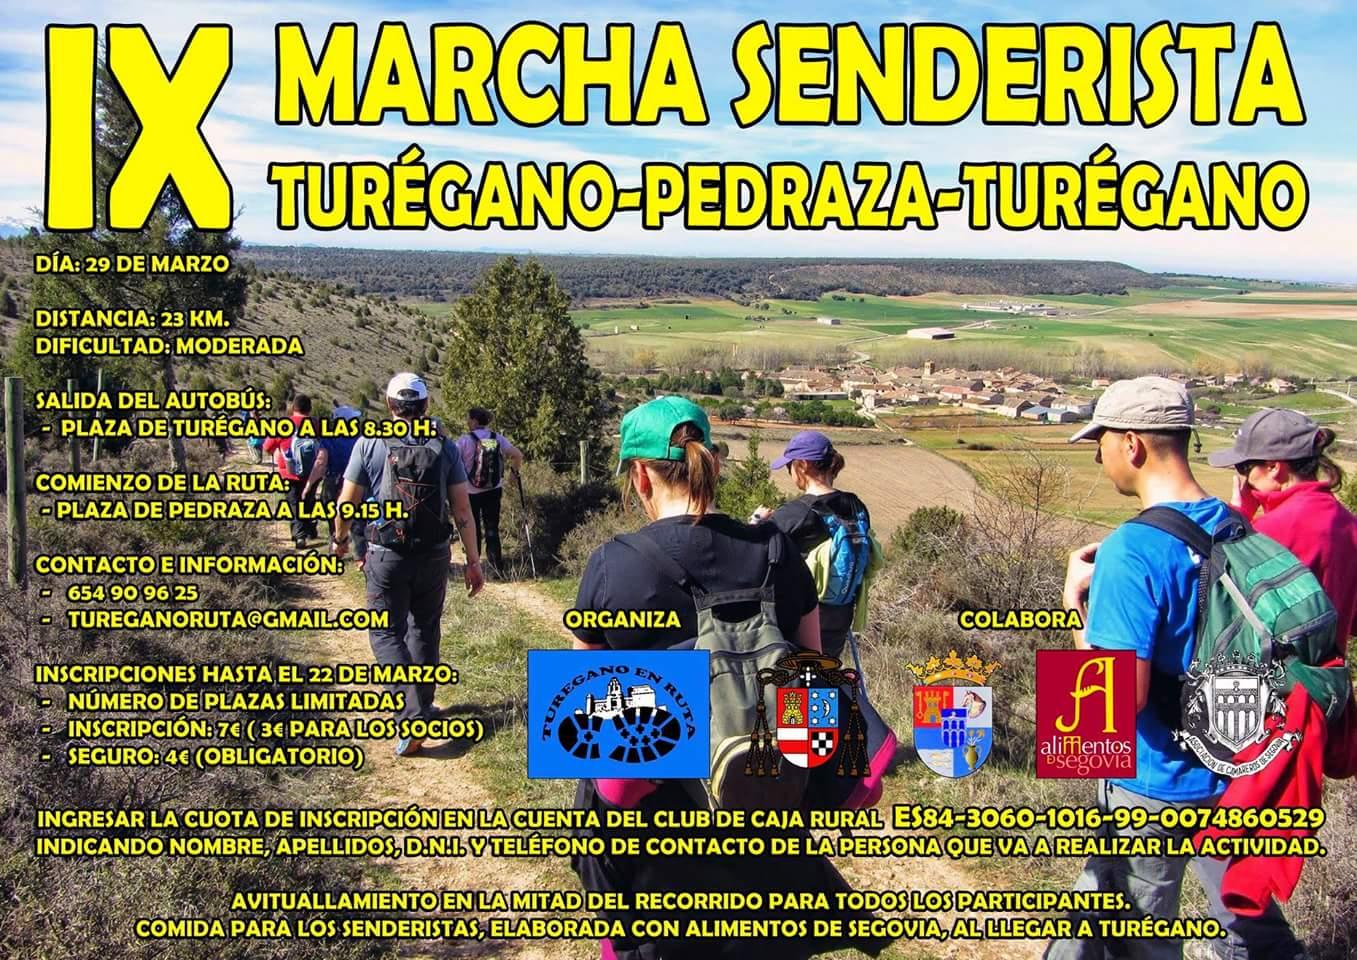 IX Marcha senderista Turégano - Pedraza - Turégano 2018